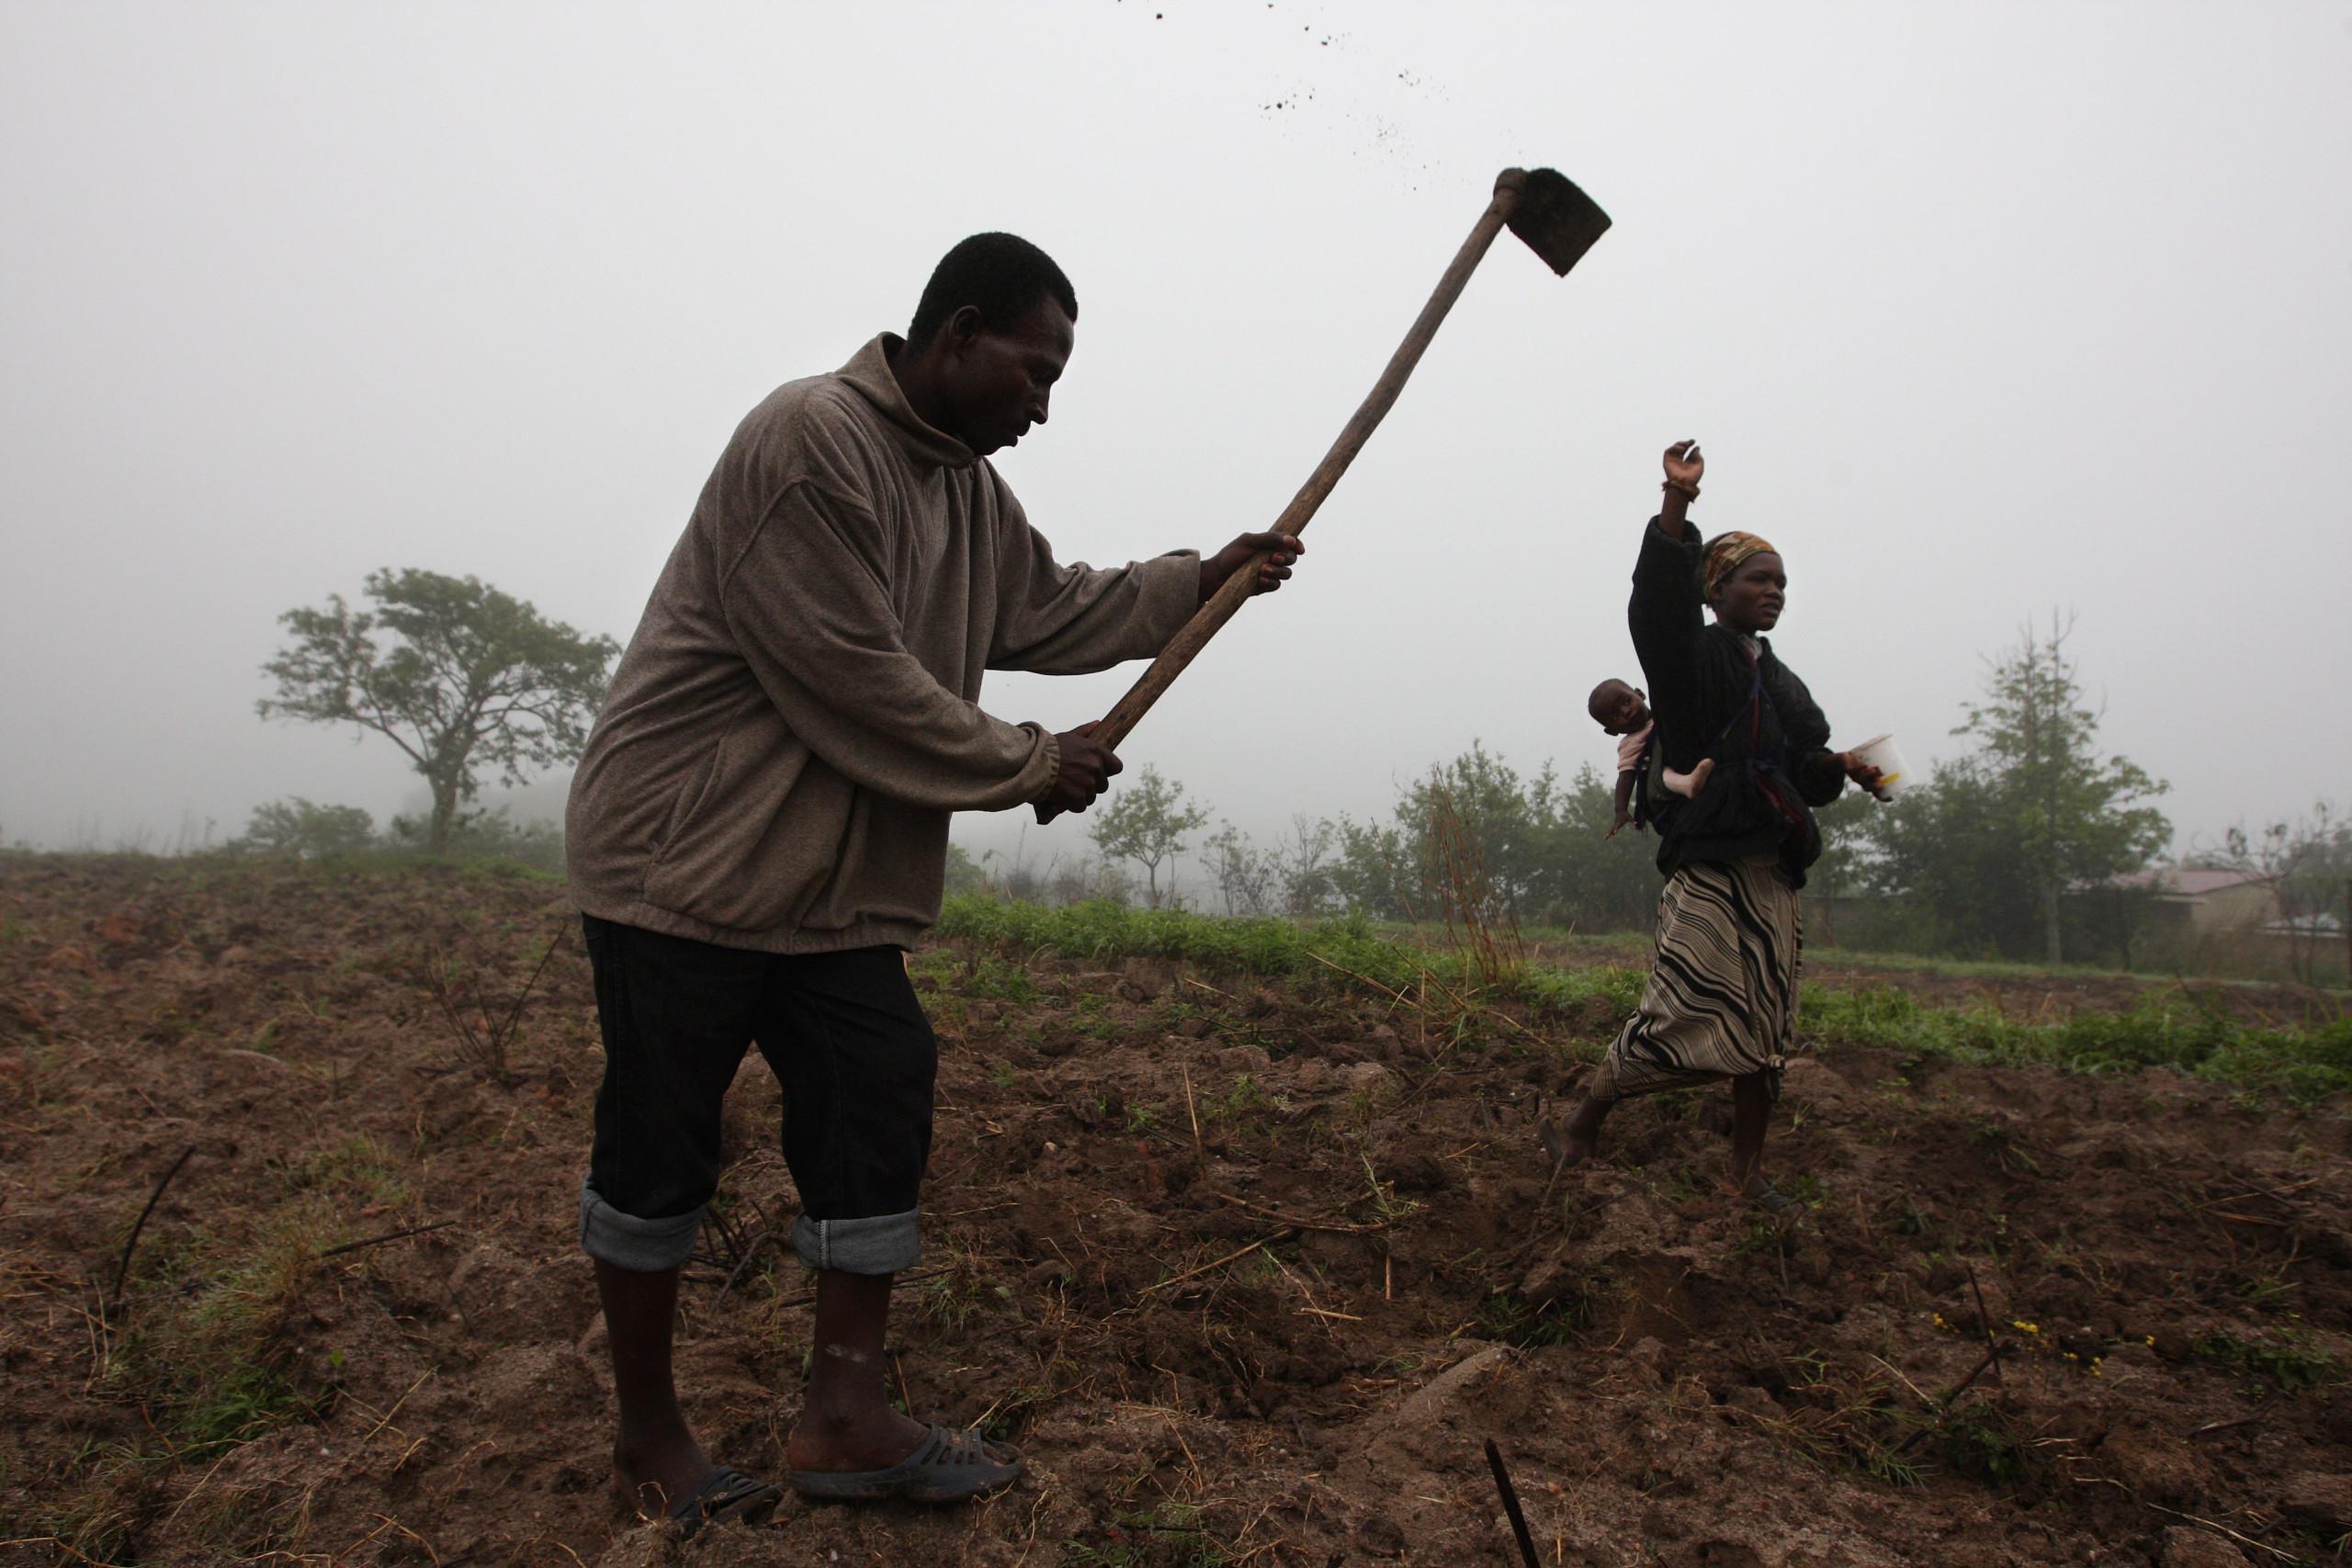 Empresários da América Latina querem investir no agronegócio em Angola